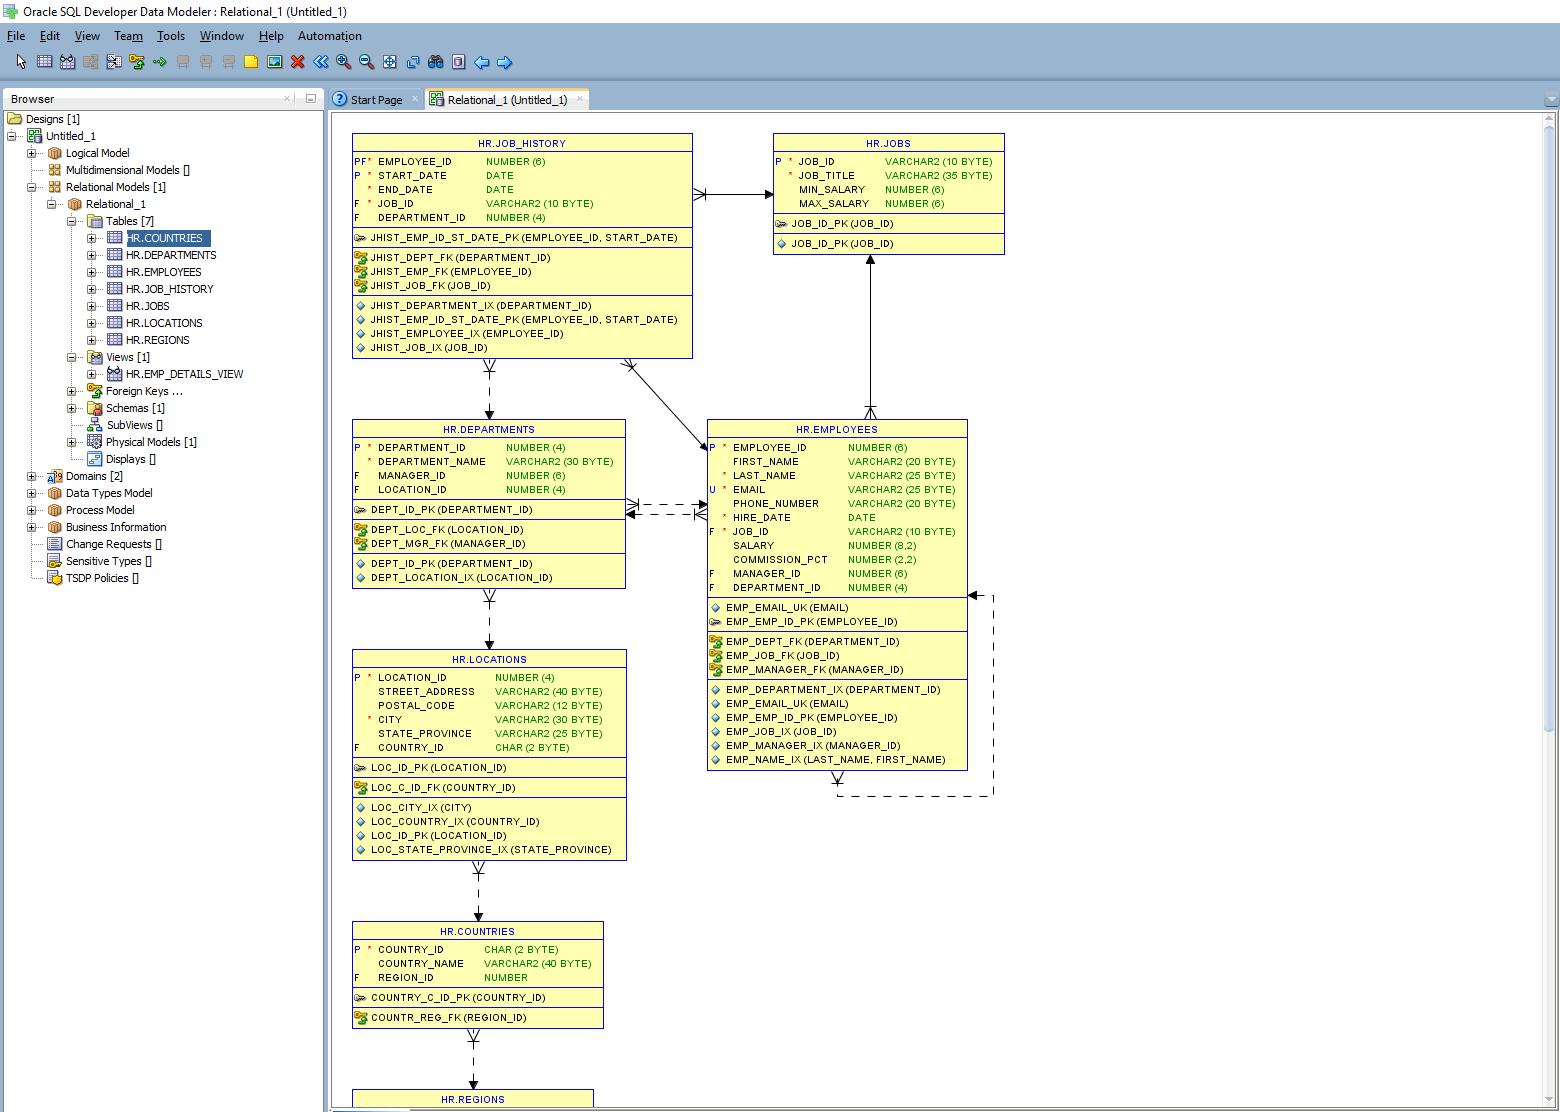 Oracle Sql Developer Data Modeler Er Diagram